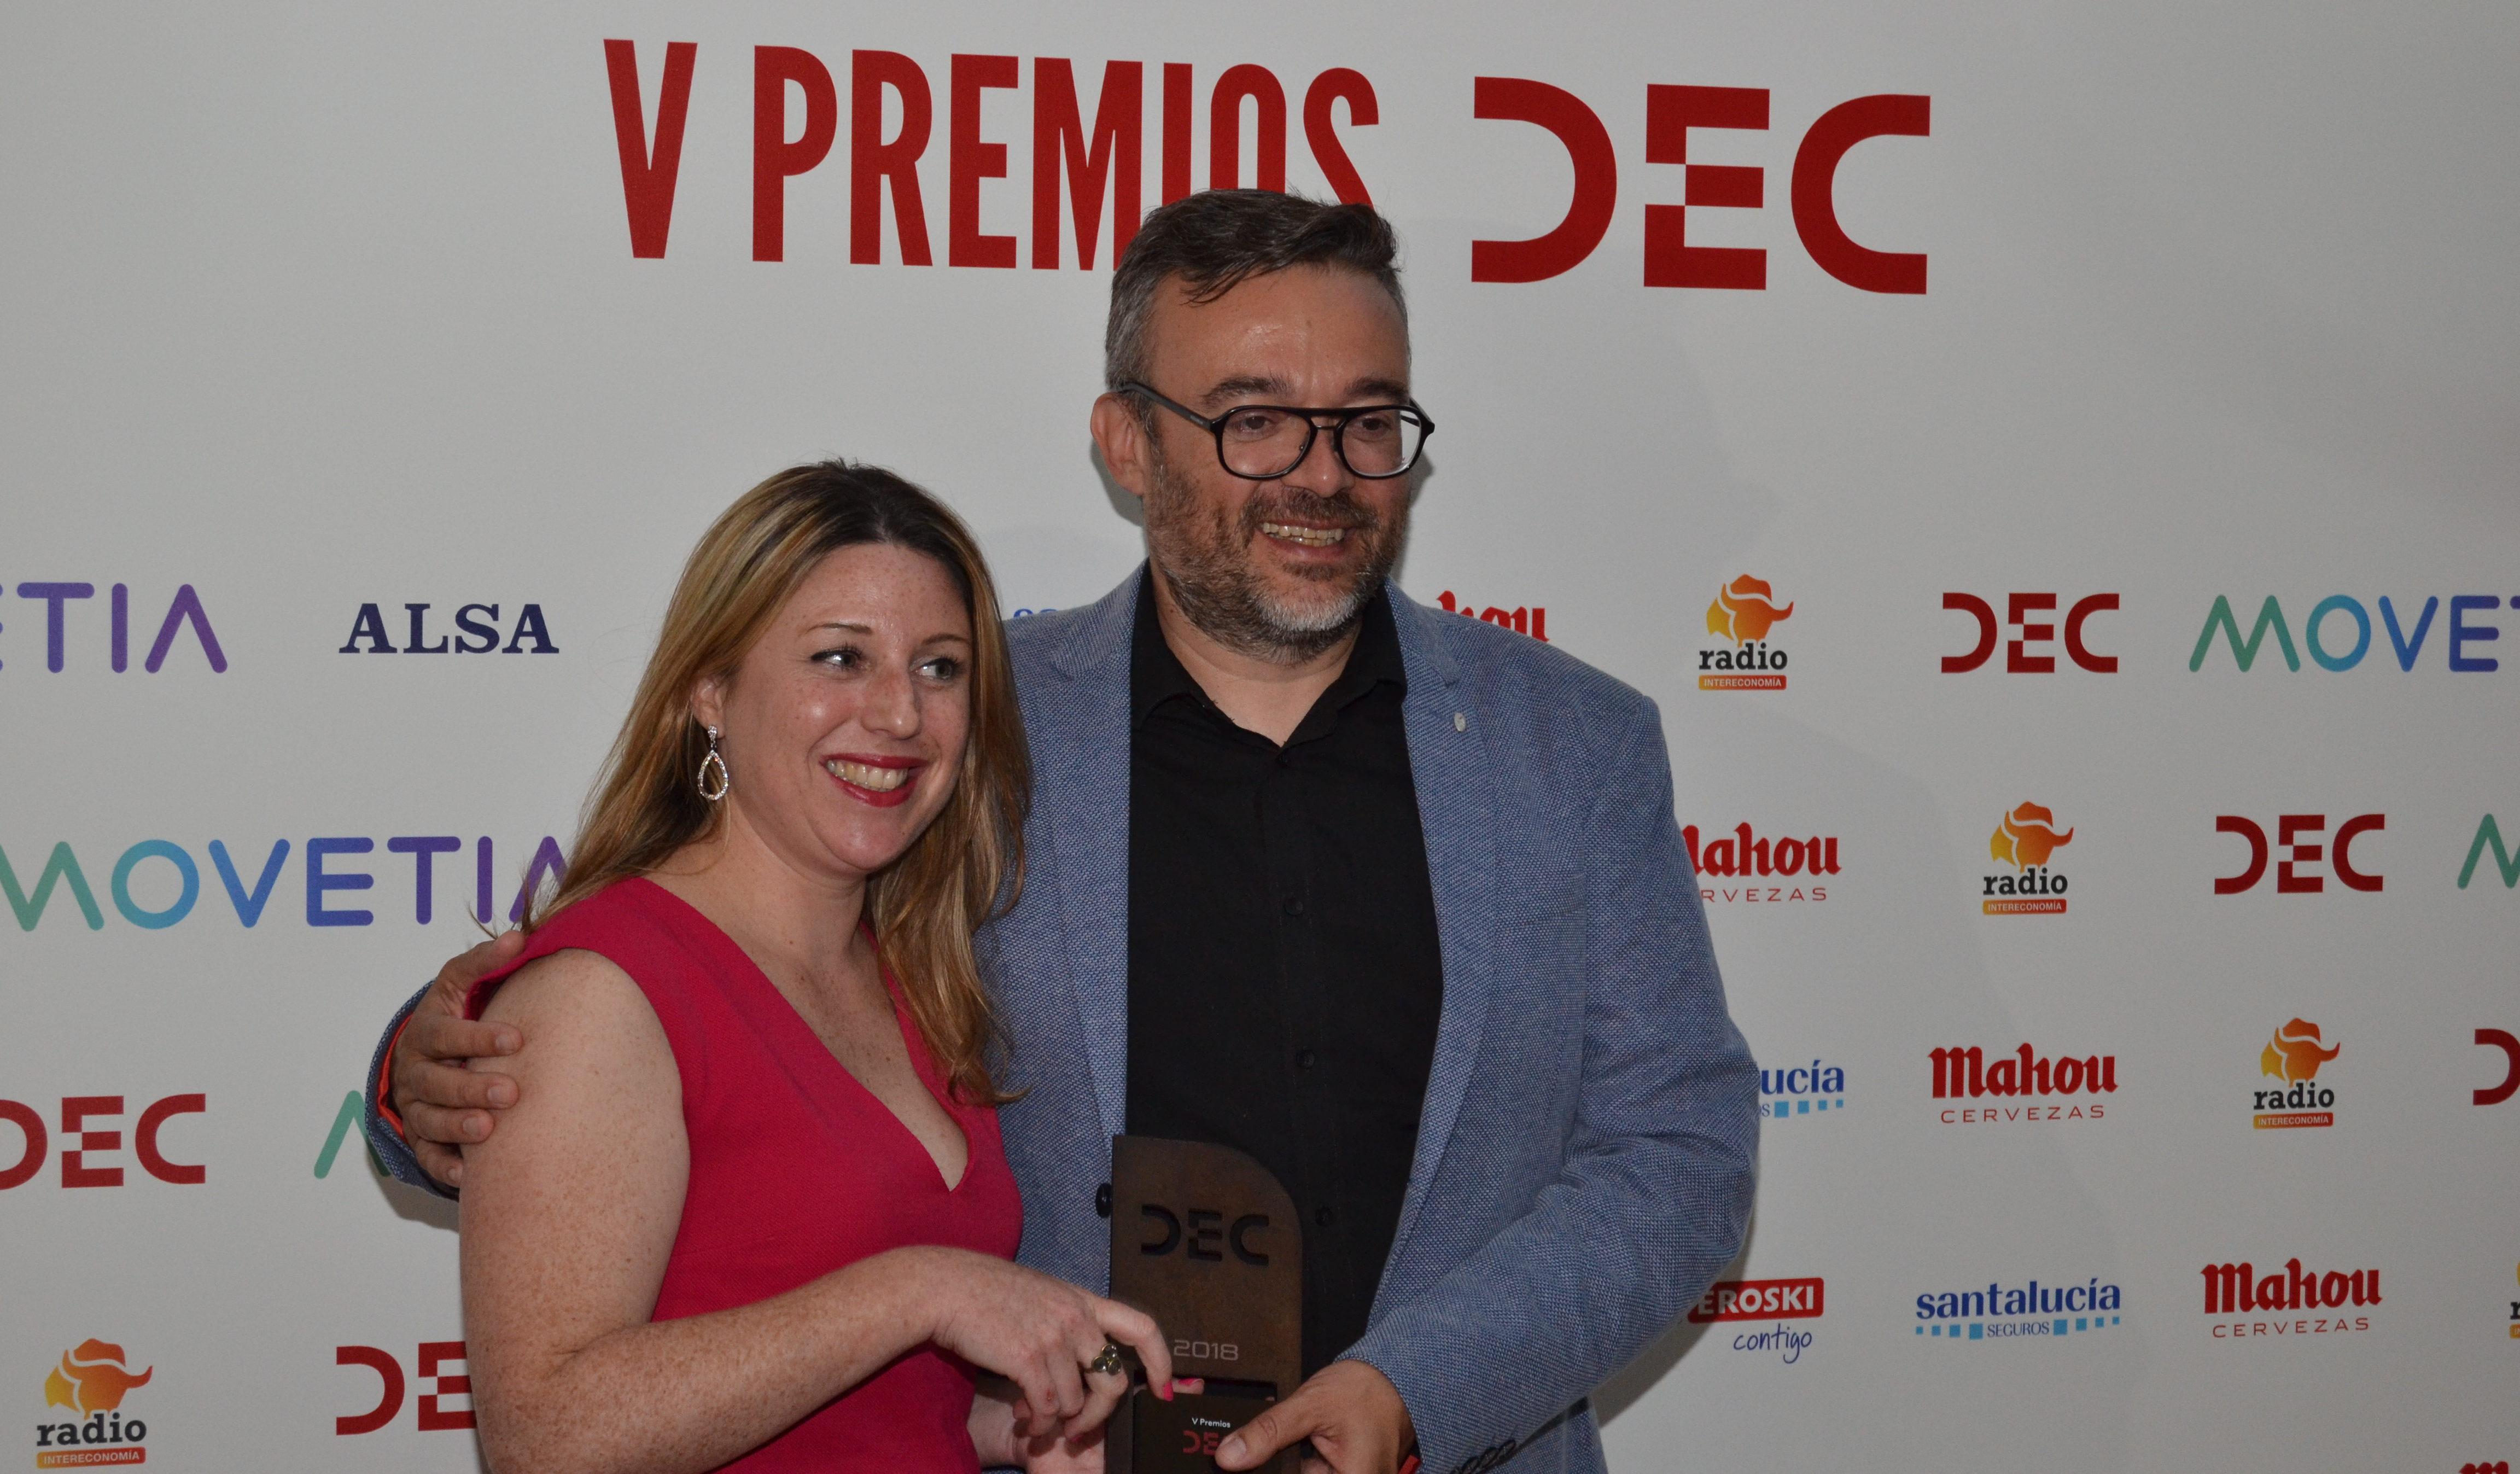 Video: Entrevista en la gala de los premios DEC al proyecto mas innovador – imotion Analytics & Campanile